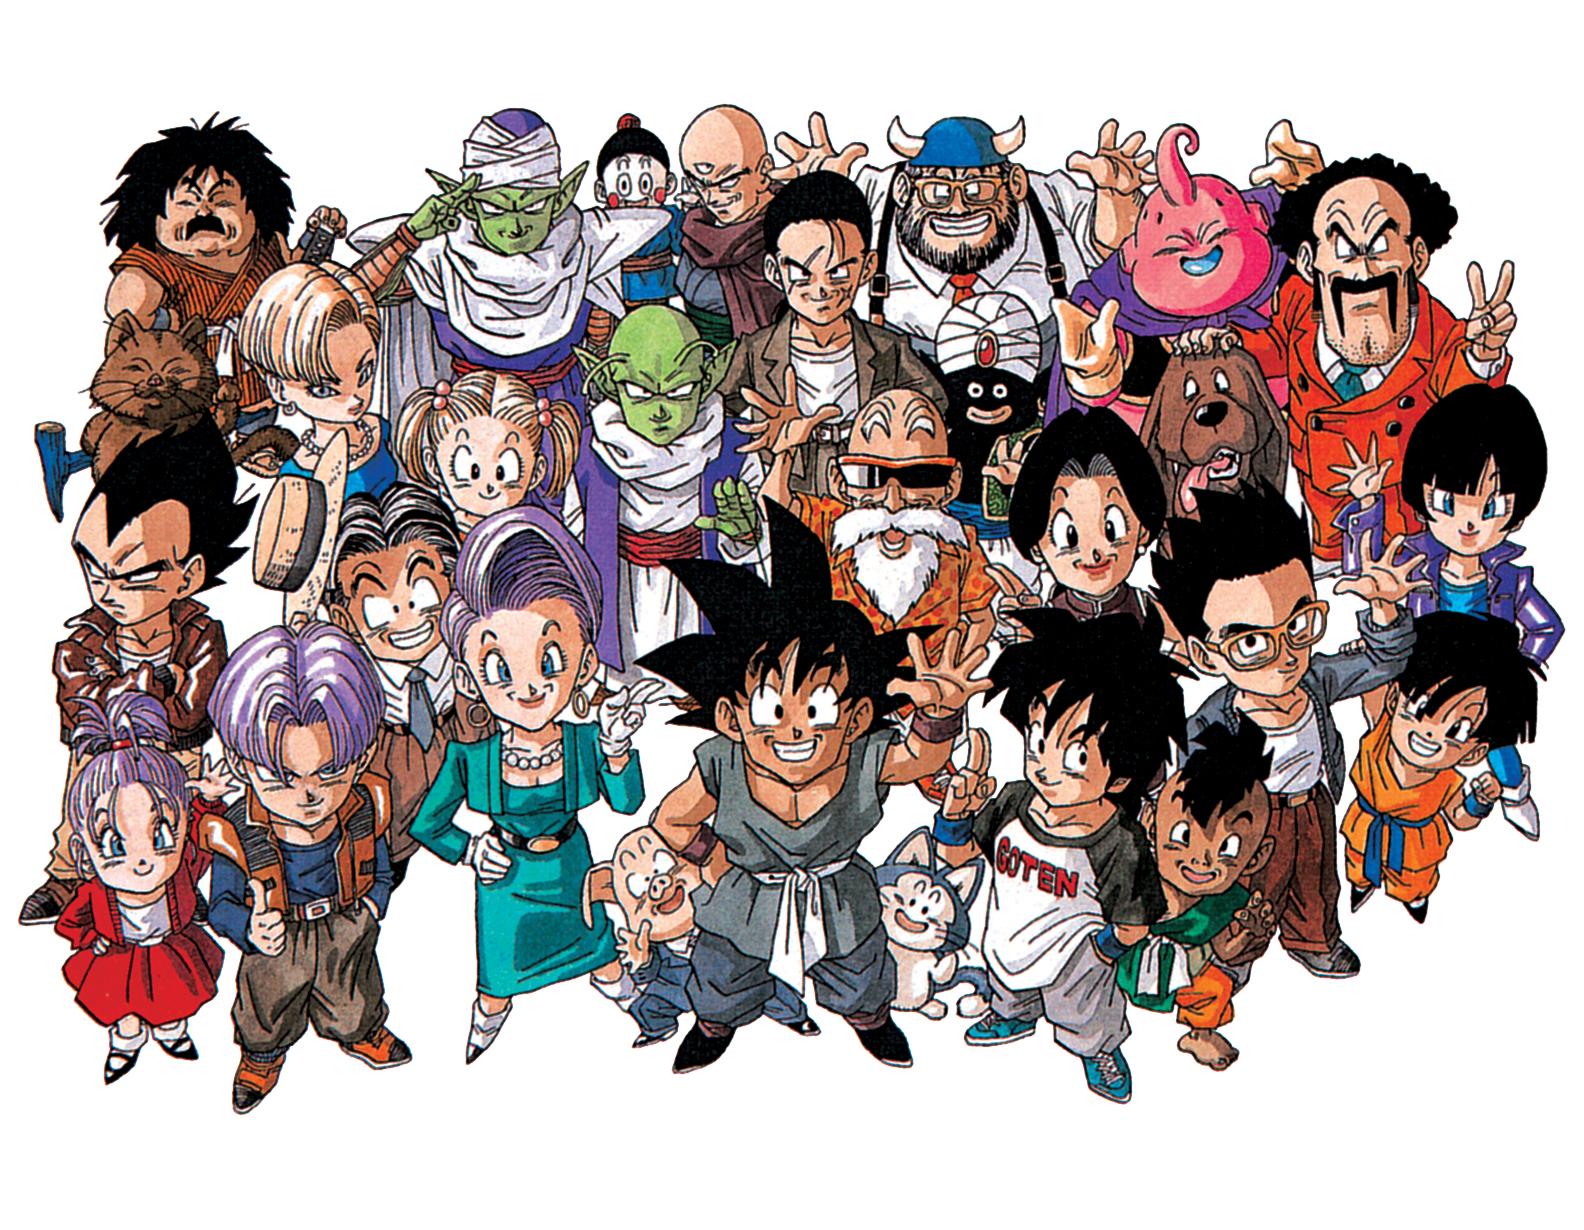 Dragon Ball Z Anime Characters : Dragon ball « tomodachi